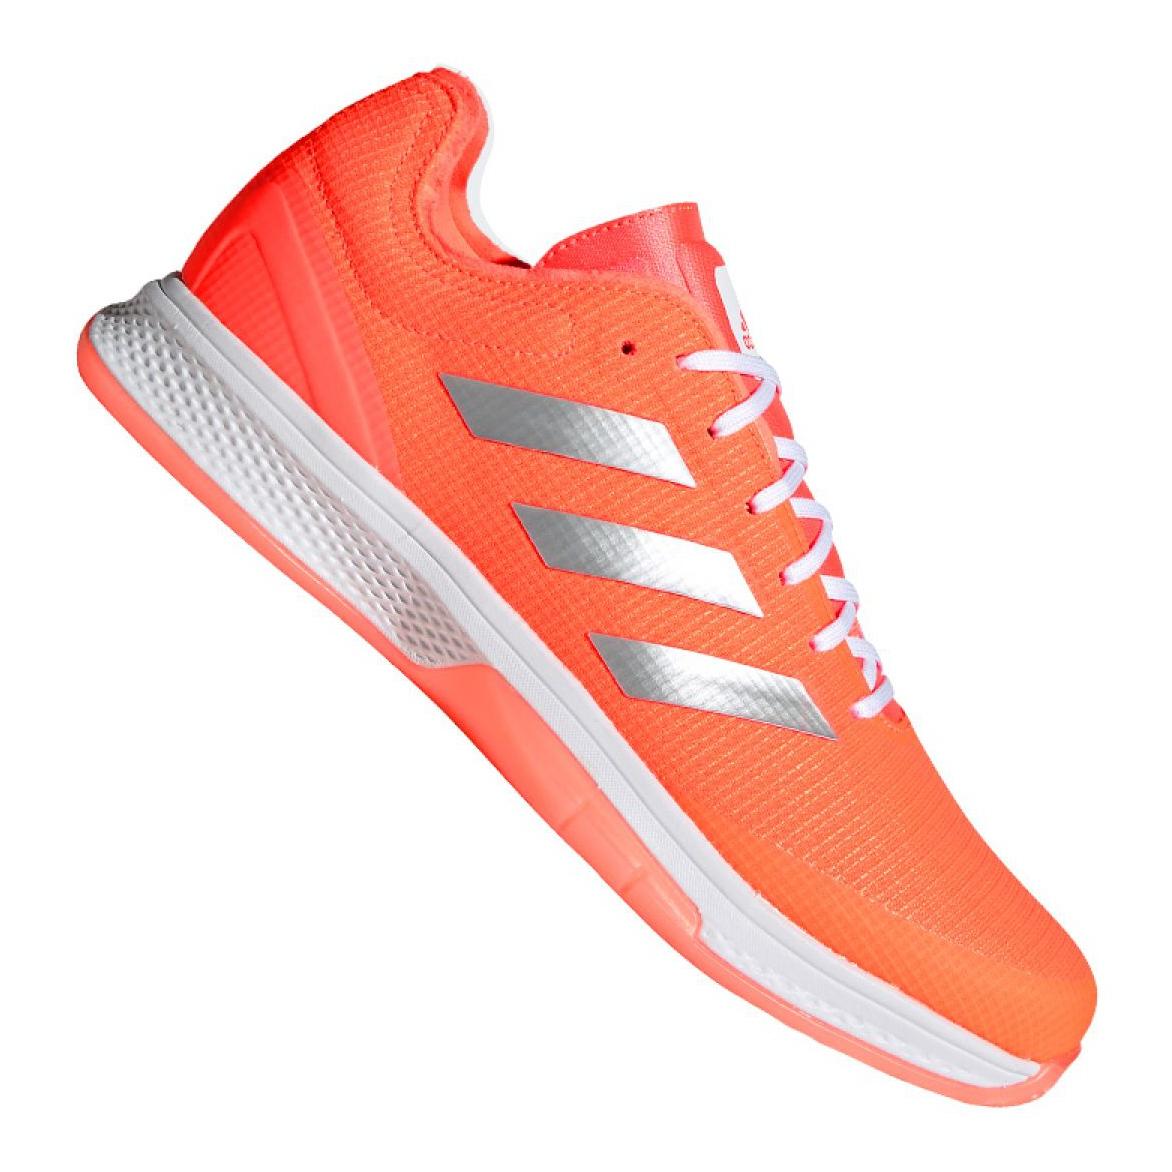 Détails sur Adidas Counterblast Bounce M EH0851 chaussures orange multicolore